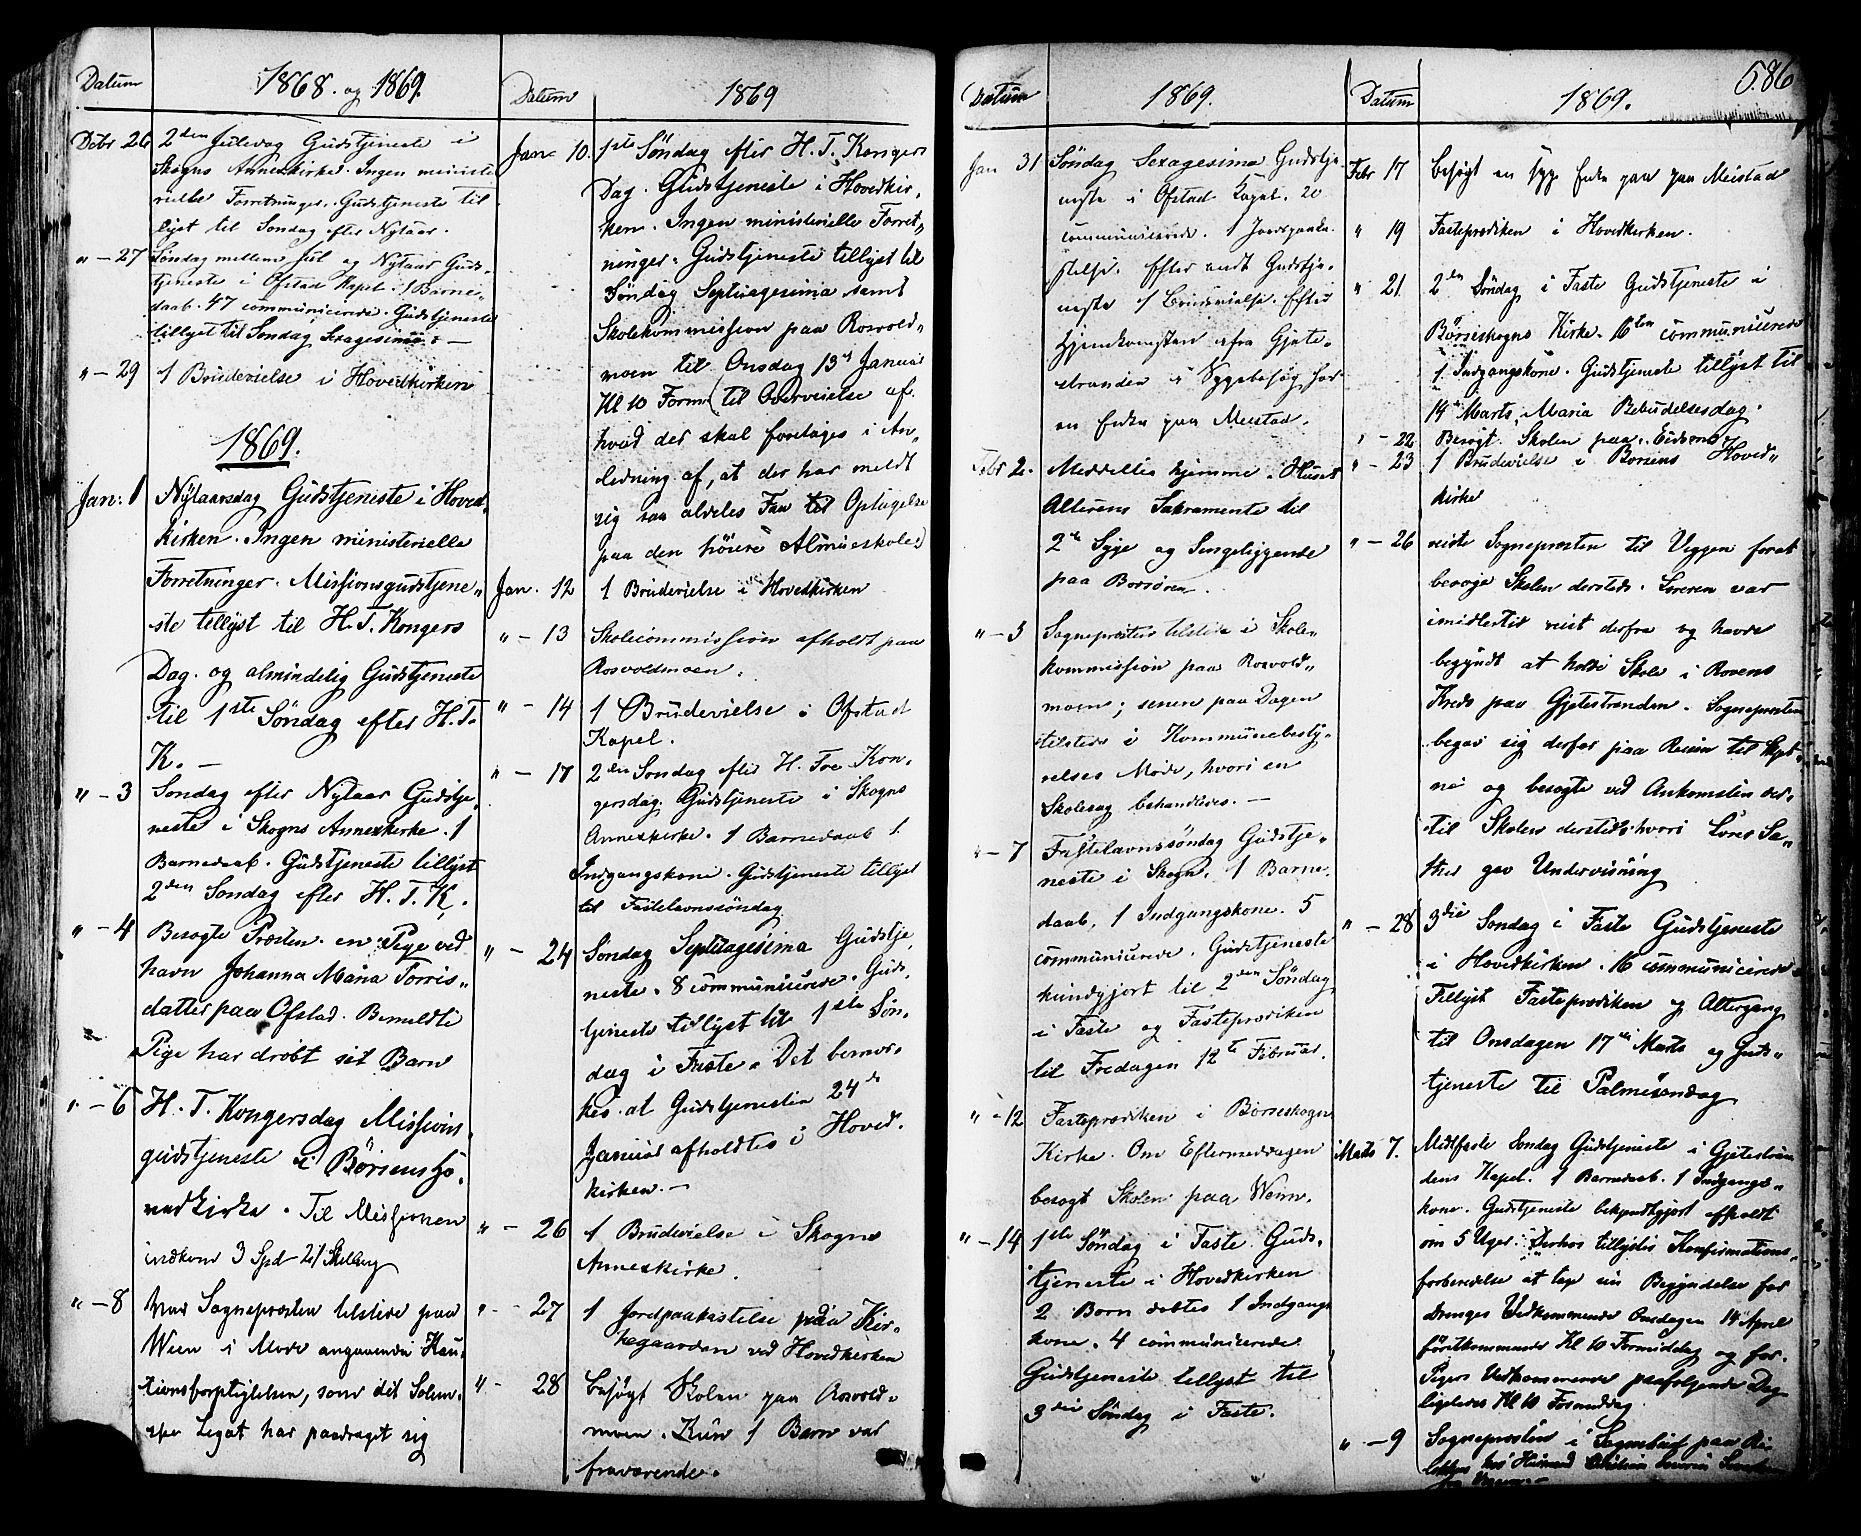 SAT, Ministerialprotokoller, klokkerbøker og fødselsregistre - Sør-Trøndelag, 665/L0772: Ministerialbok nr. 665A07, 1856-1878, s. 586